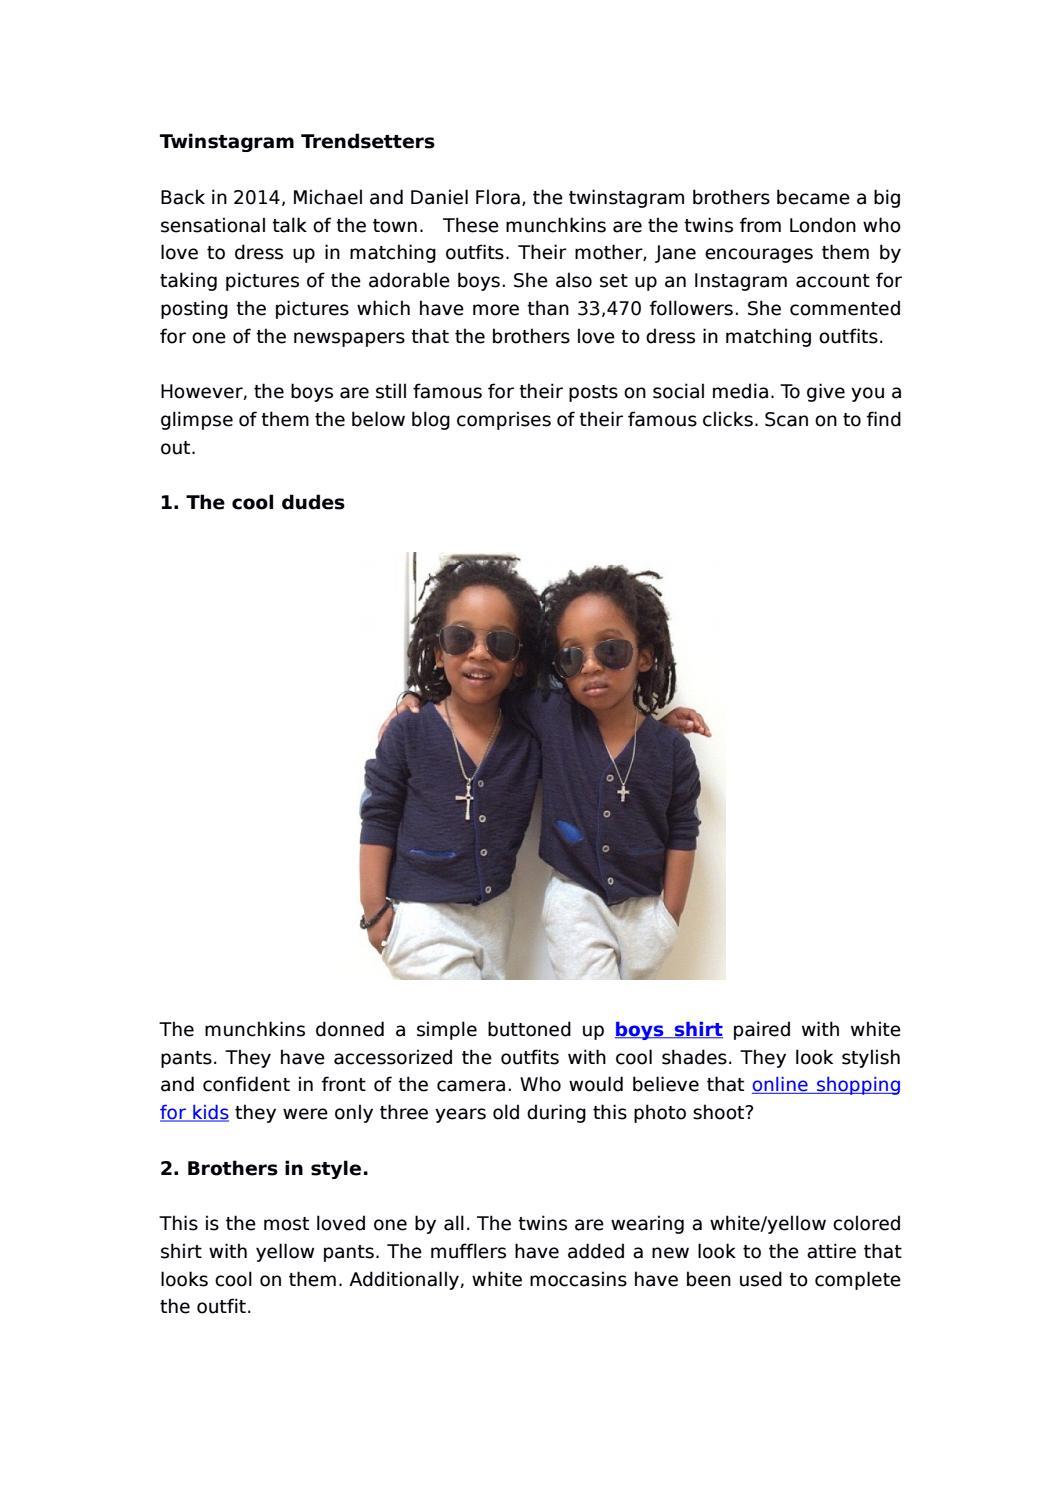 Twinstagram Trendsetters By Foreverkidzin